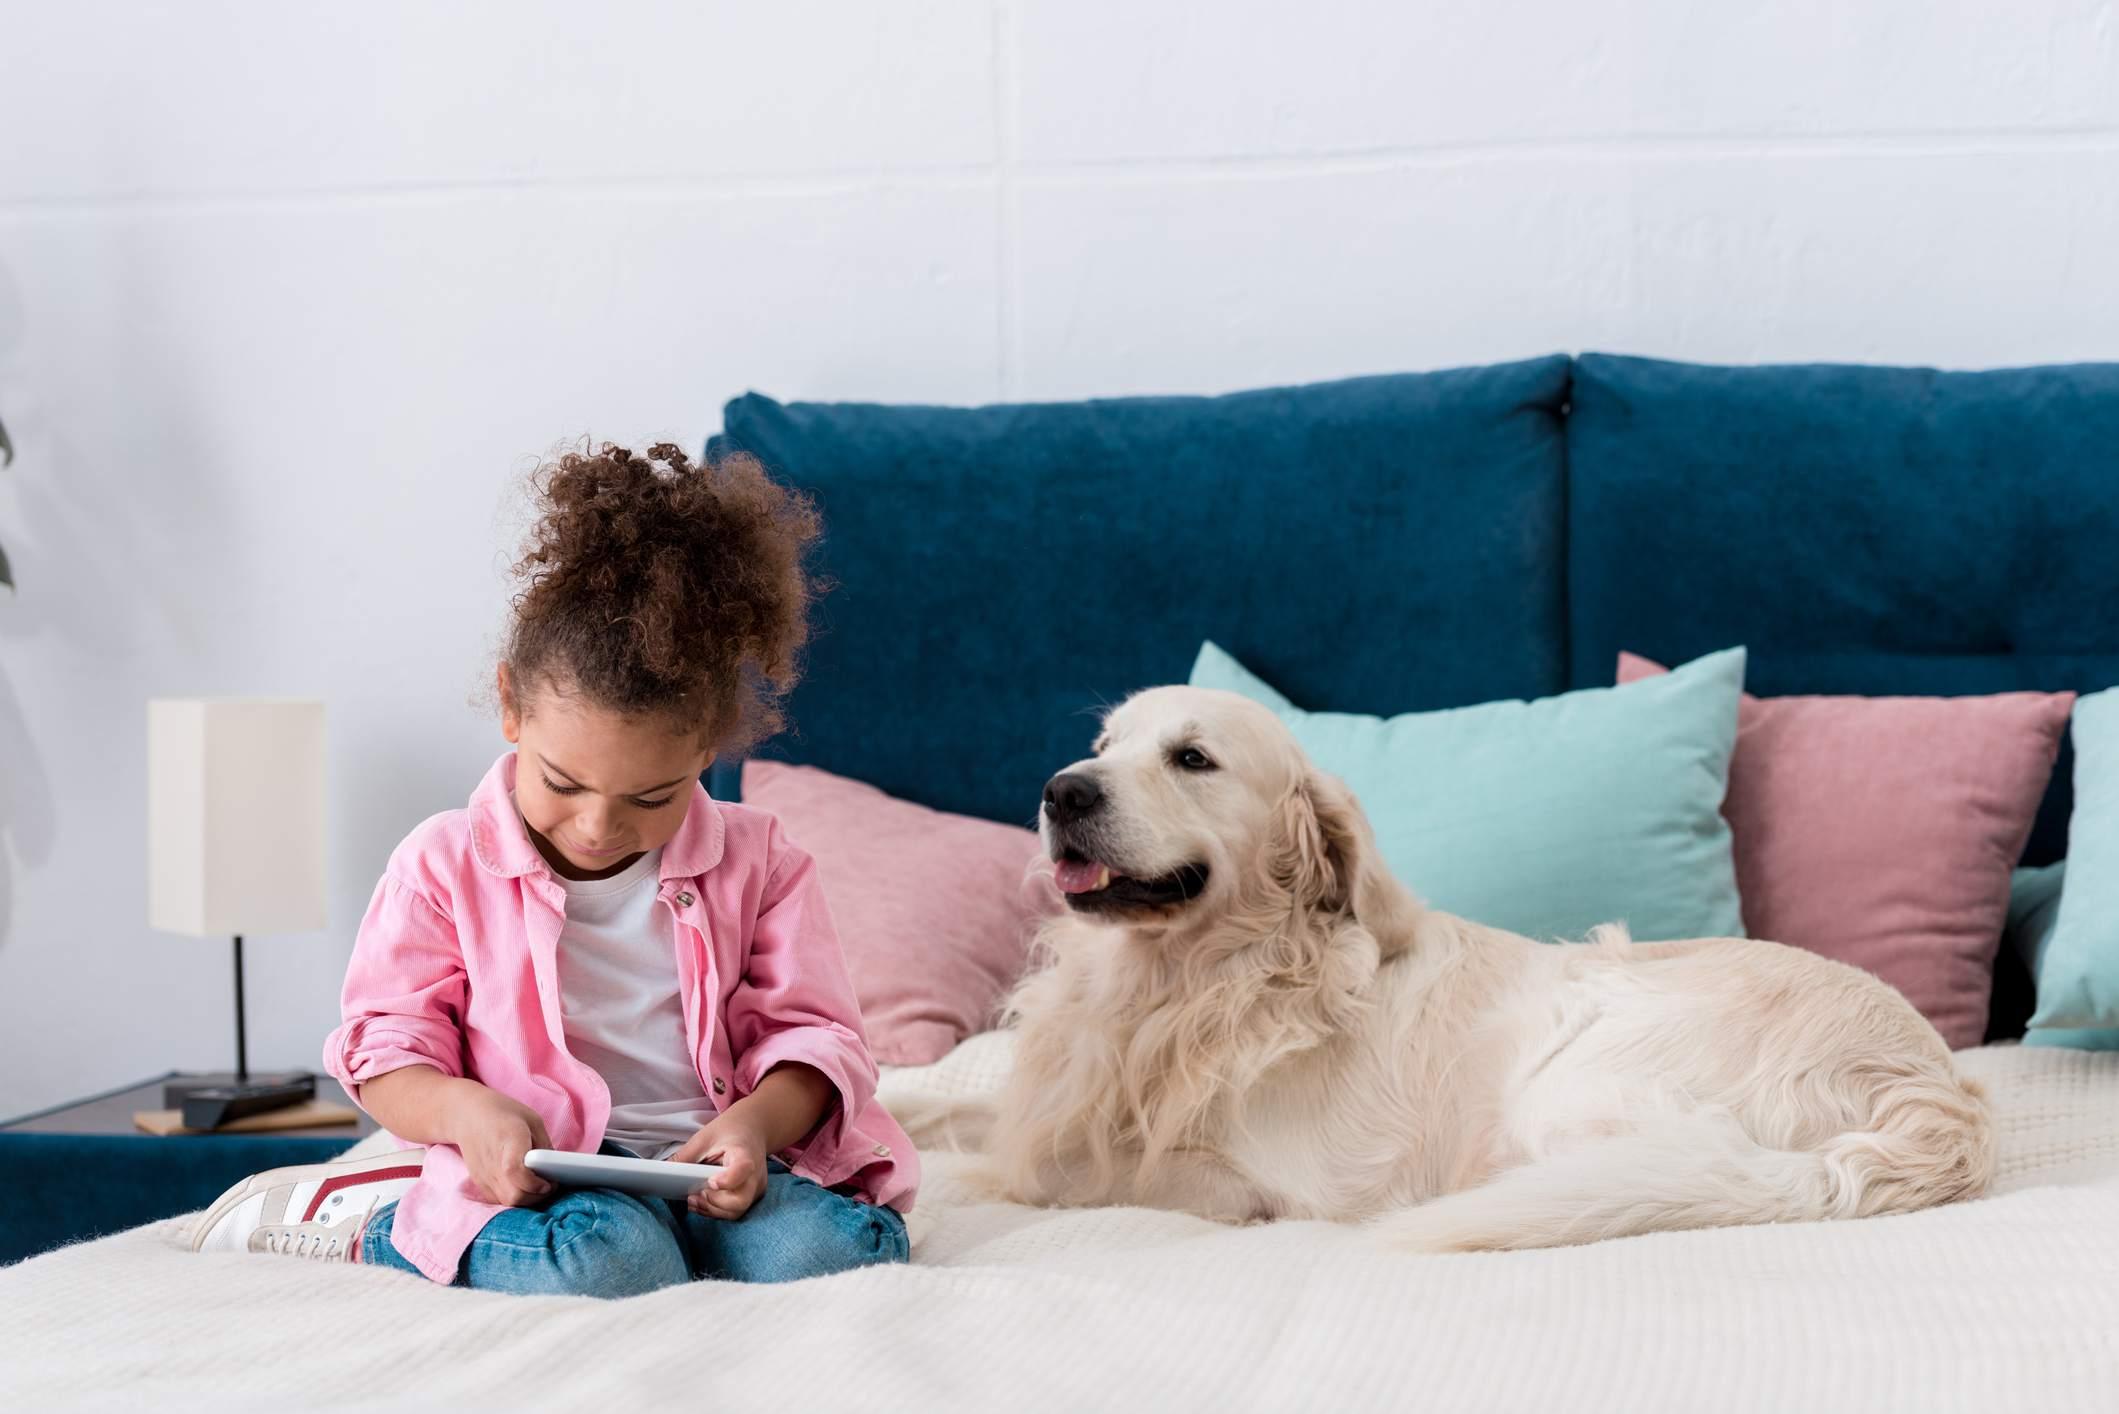 niño afroamericano sonriente sentado en la cama con golden retriever y jugando con el teléfono inteligente